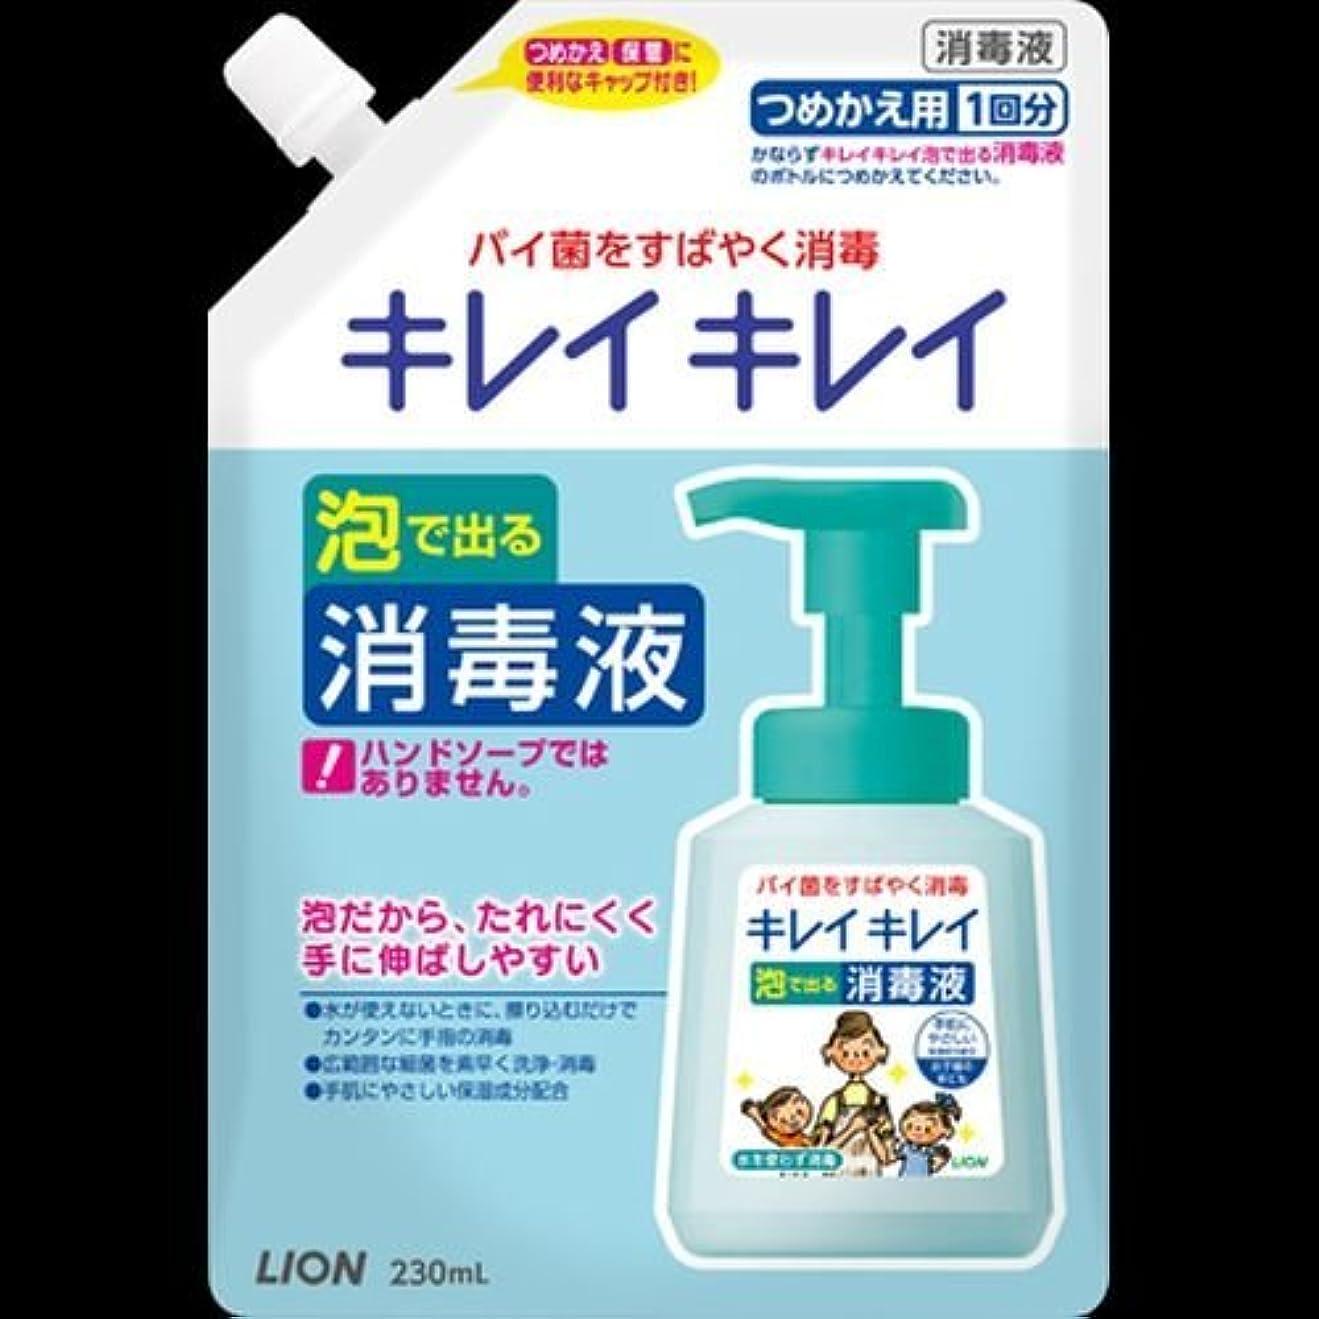 仮称割れ目学期キレイキレイ 薬用泡ででる消毒液 つめかえ用 230mL ×2セット